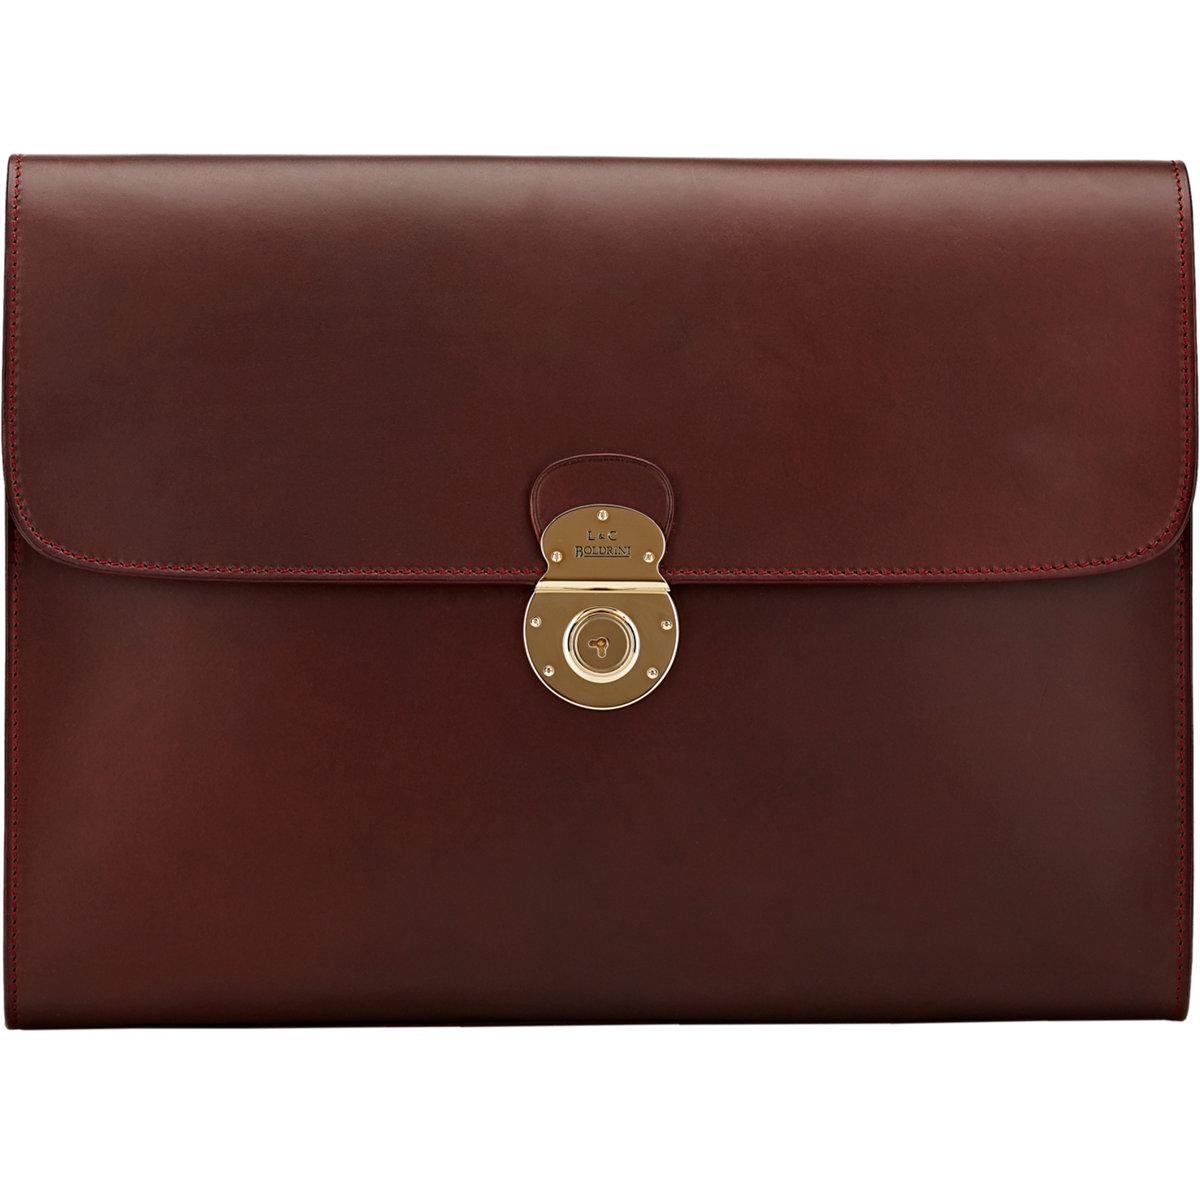 414e647bdeaa Lyst - Boldrini Selleria Gusseted Portfolio in Red for Men